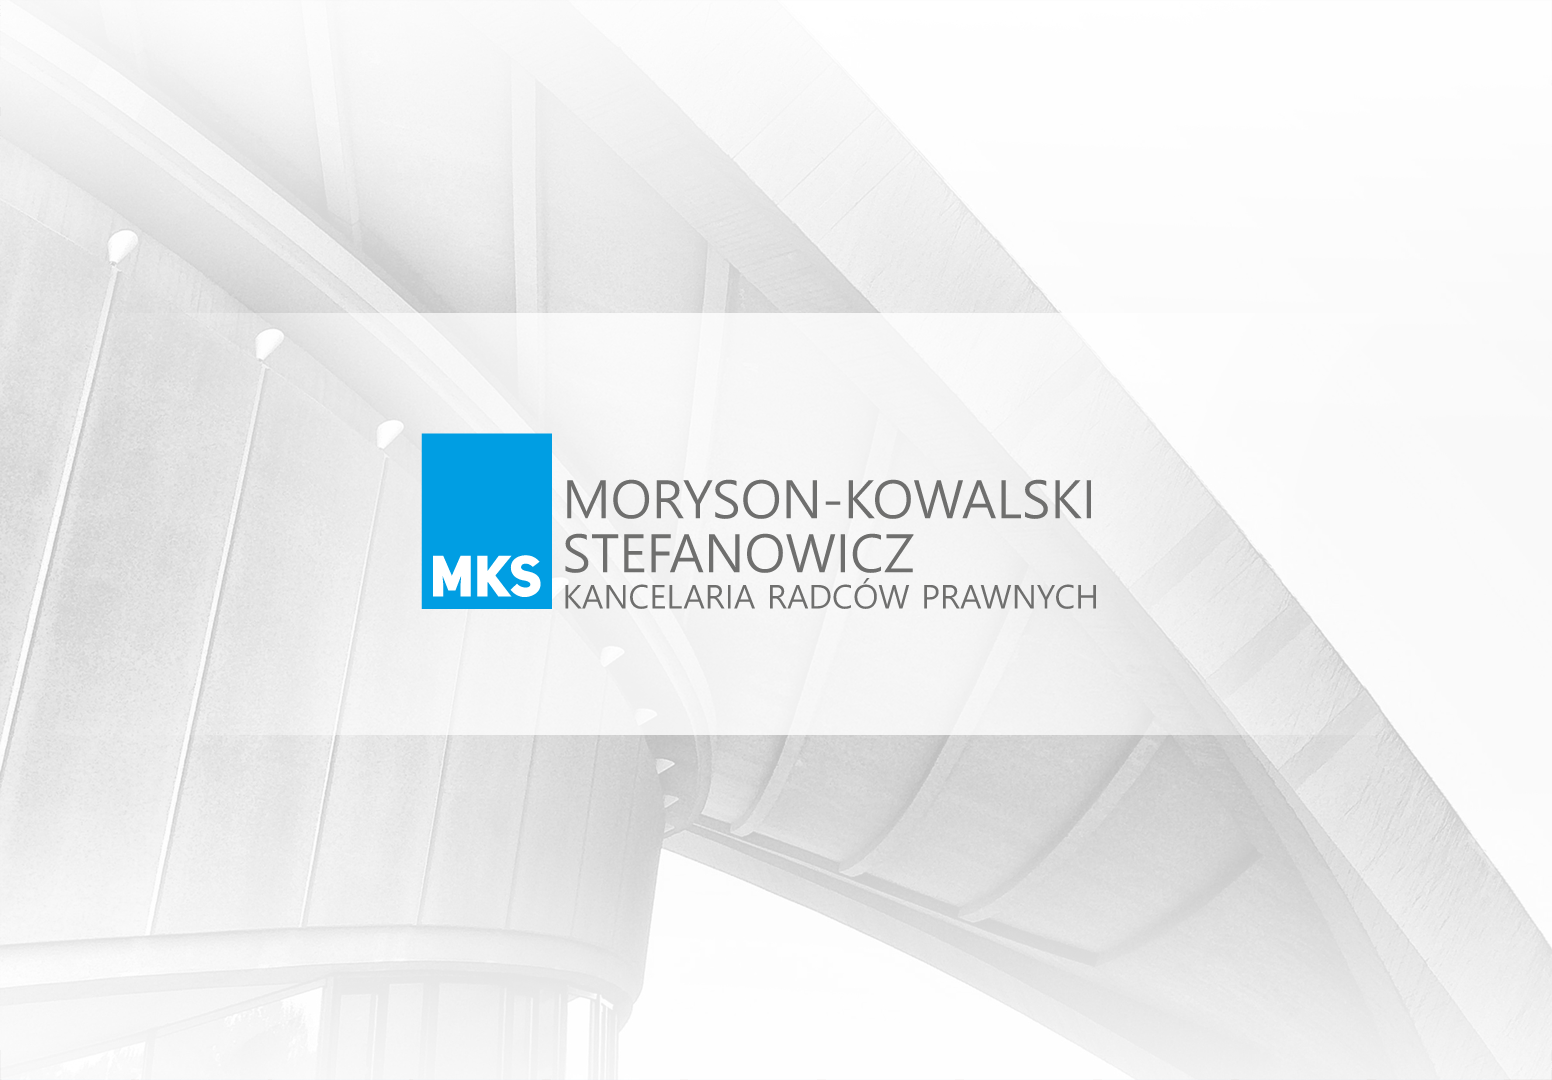 Logo Kancelaria MKS Moryson-Kowalski Stefanowicz Kancelaria Radców Prawnych